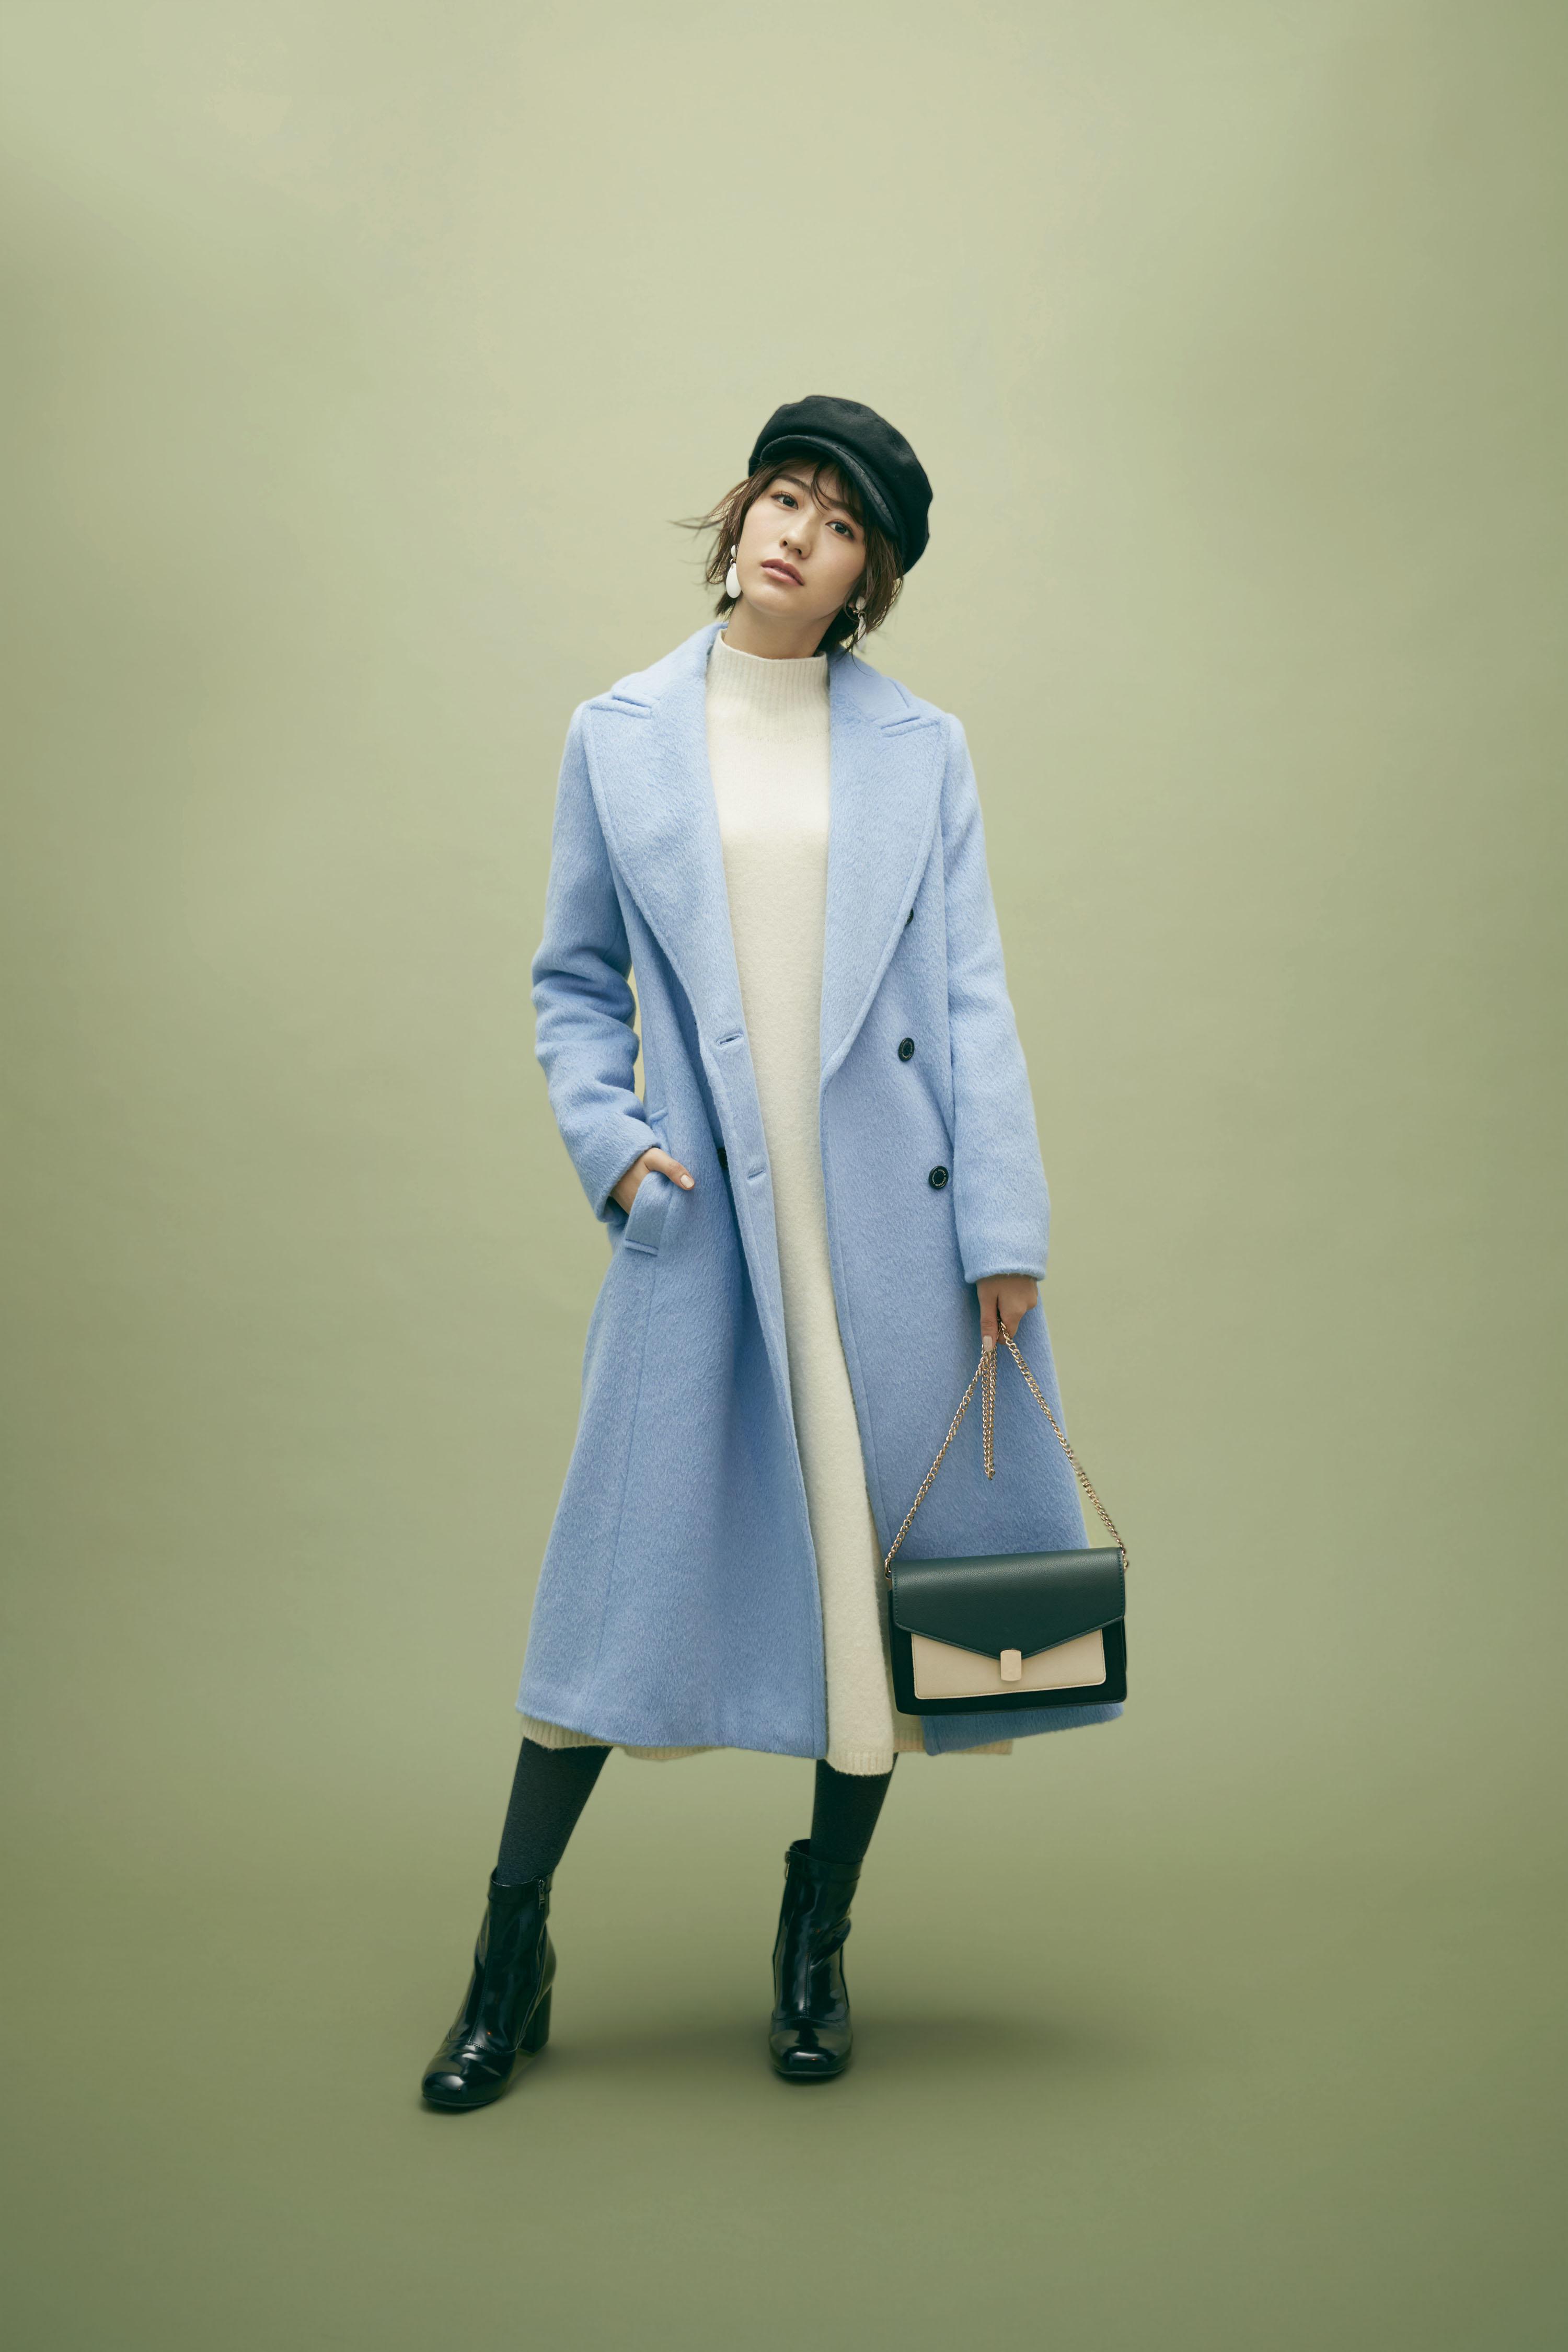 欅坂46土生瑞穂が着こなす「背が高いから似合うきれいめコート」